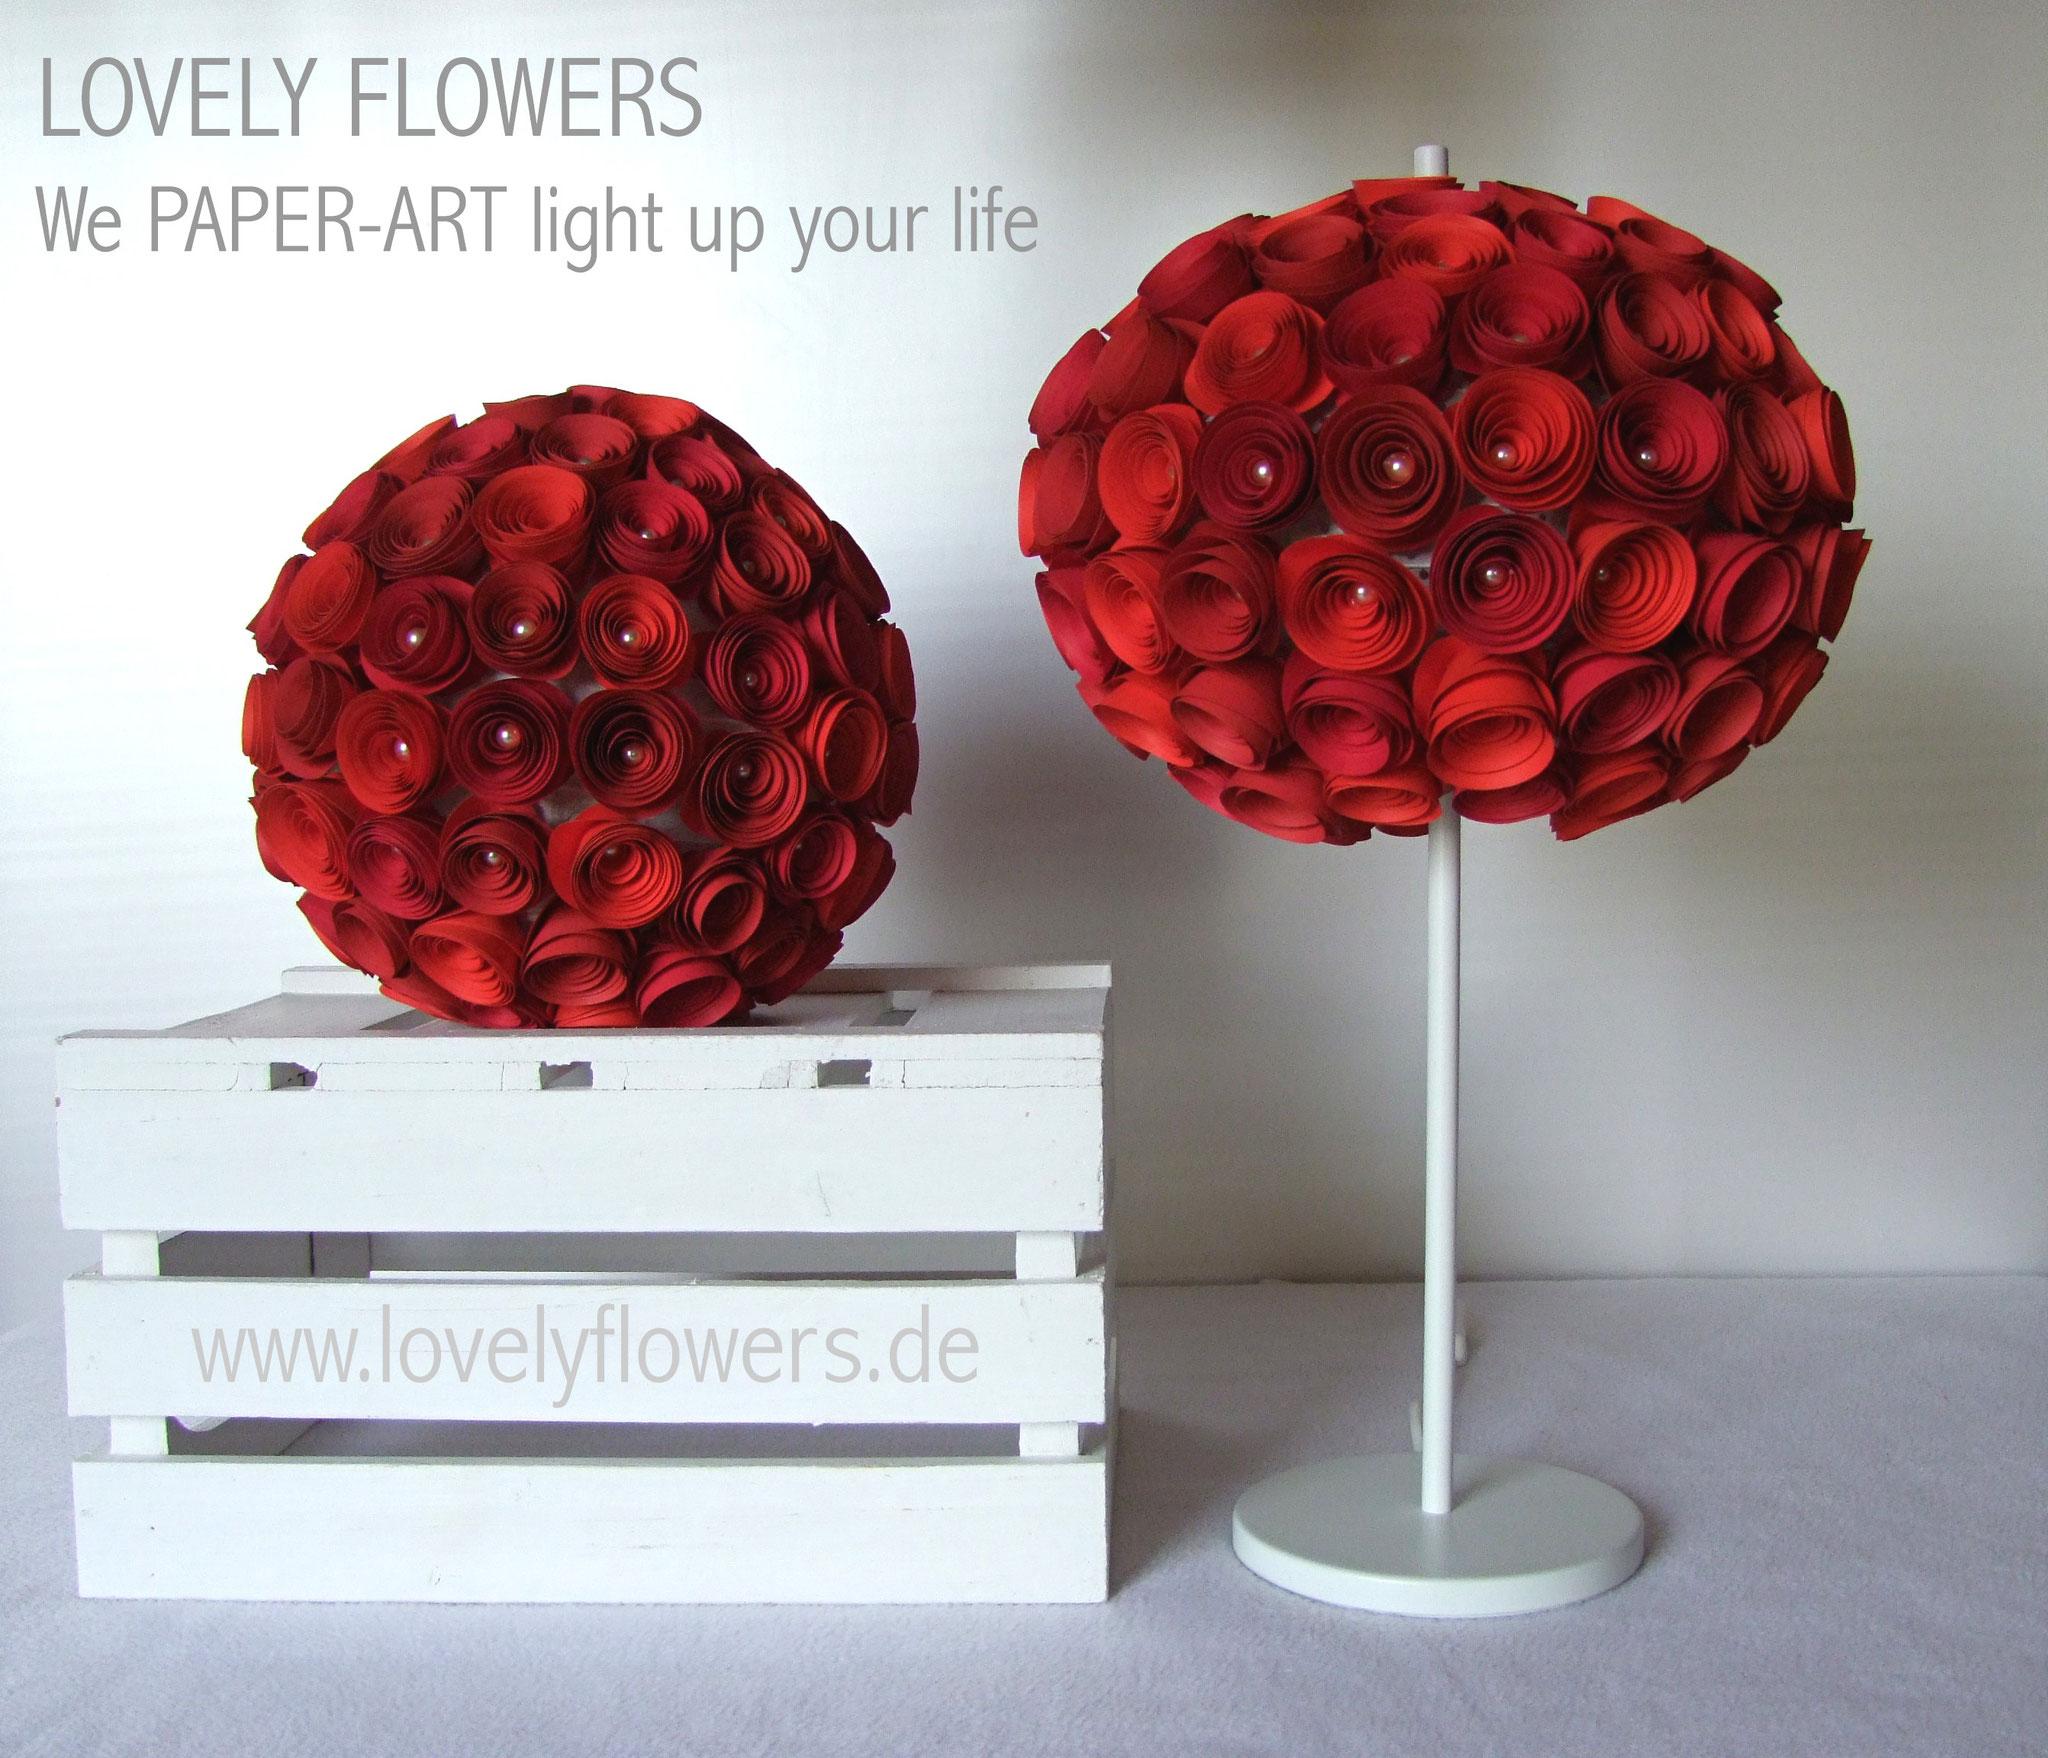 www.lovelyflowers.de - Paper Art Lampen in Rot ziehen die Liebe an!